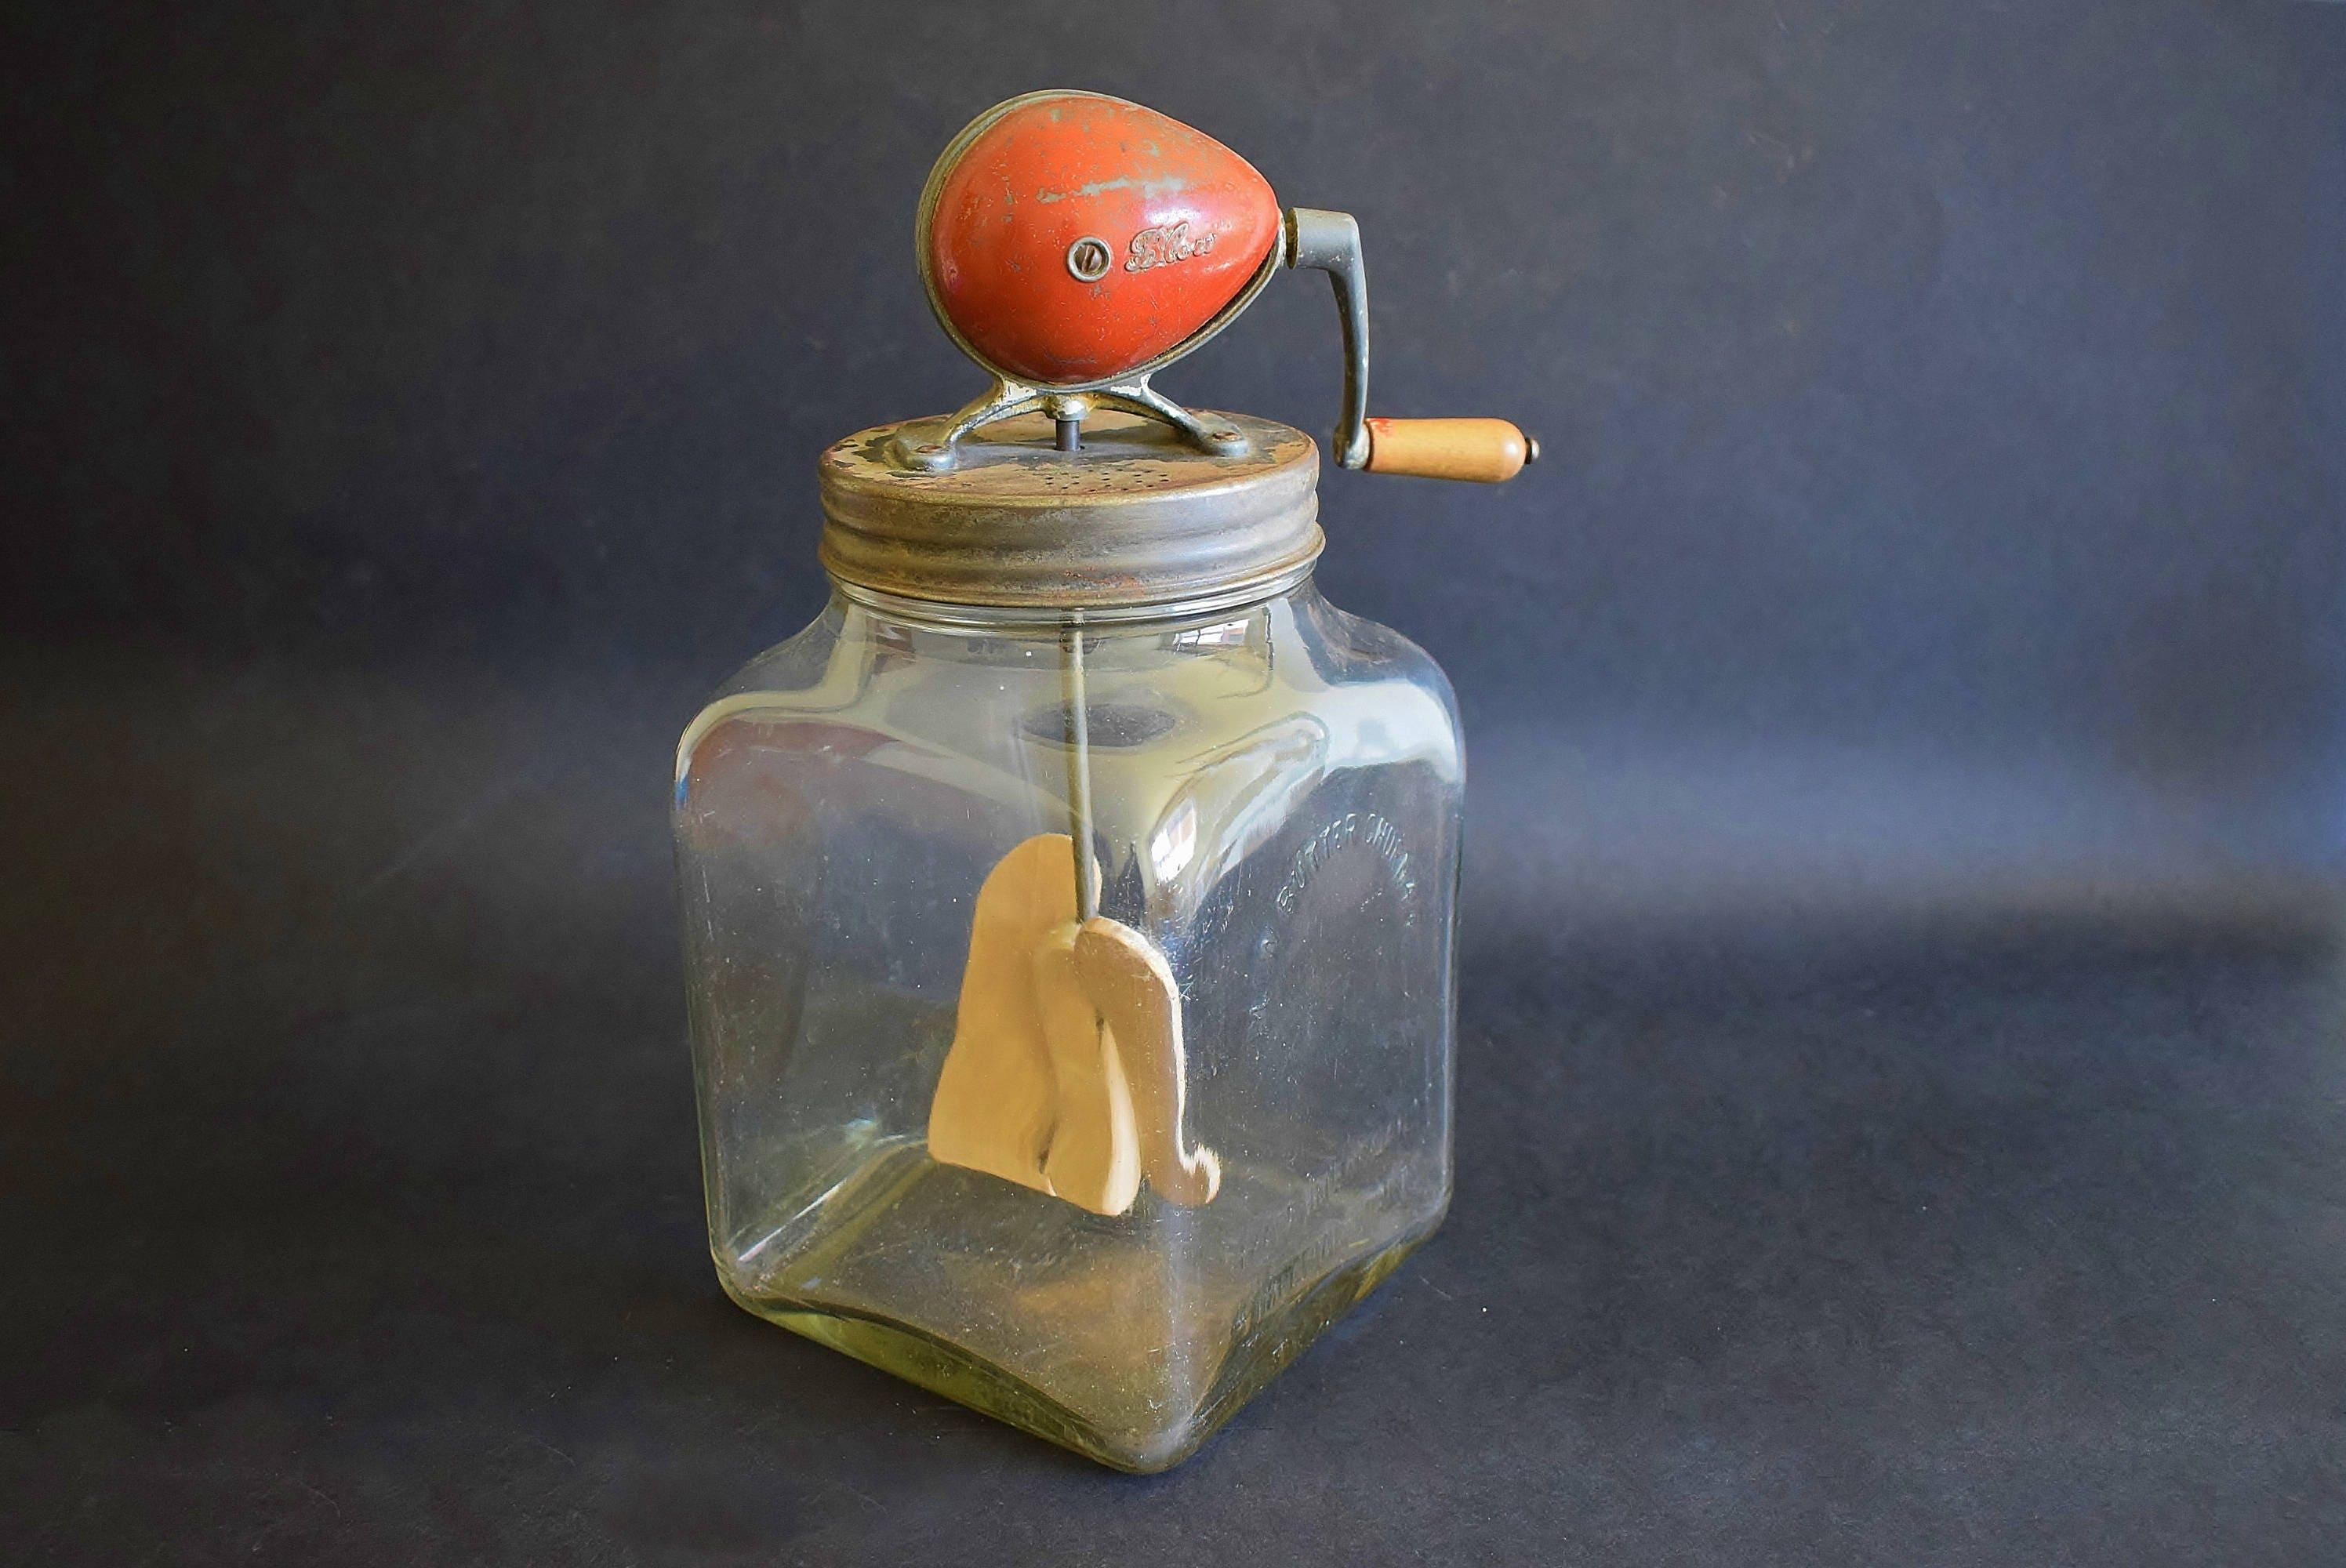 Antike Schlag Butter Churn 4/40 4 Imperial Quarts-Vintage Glas